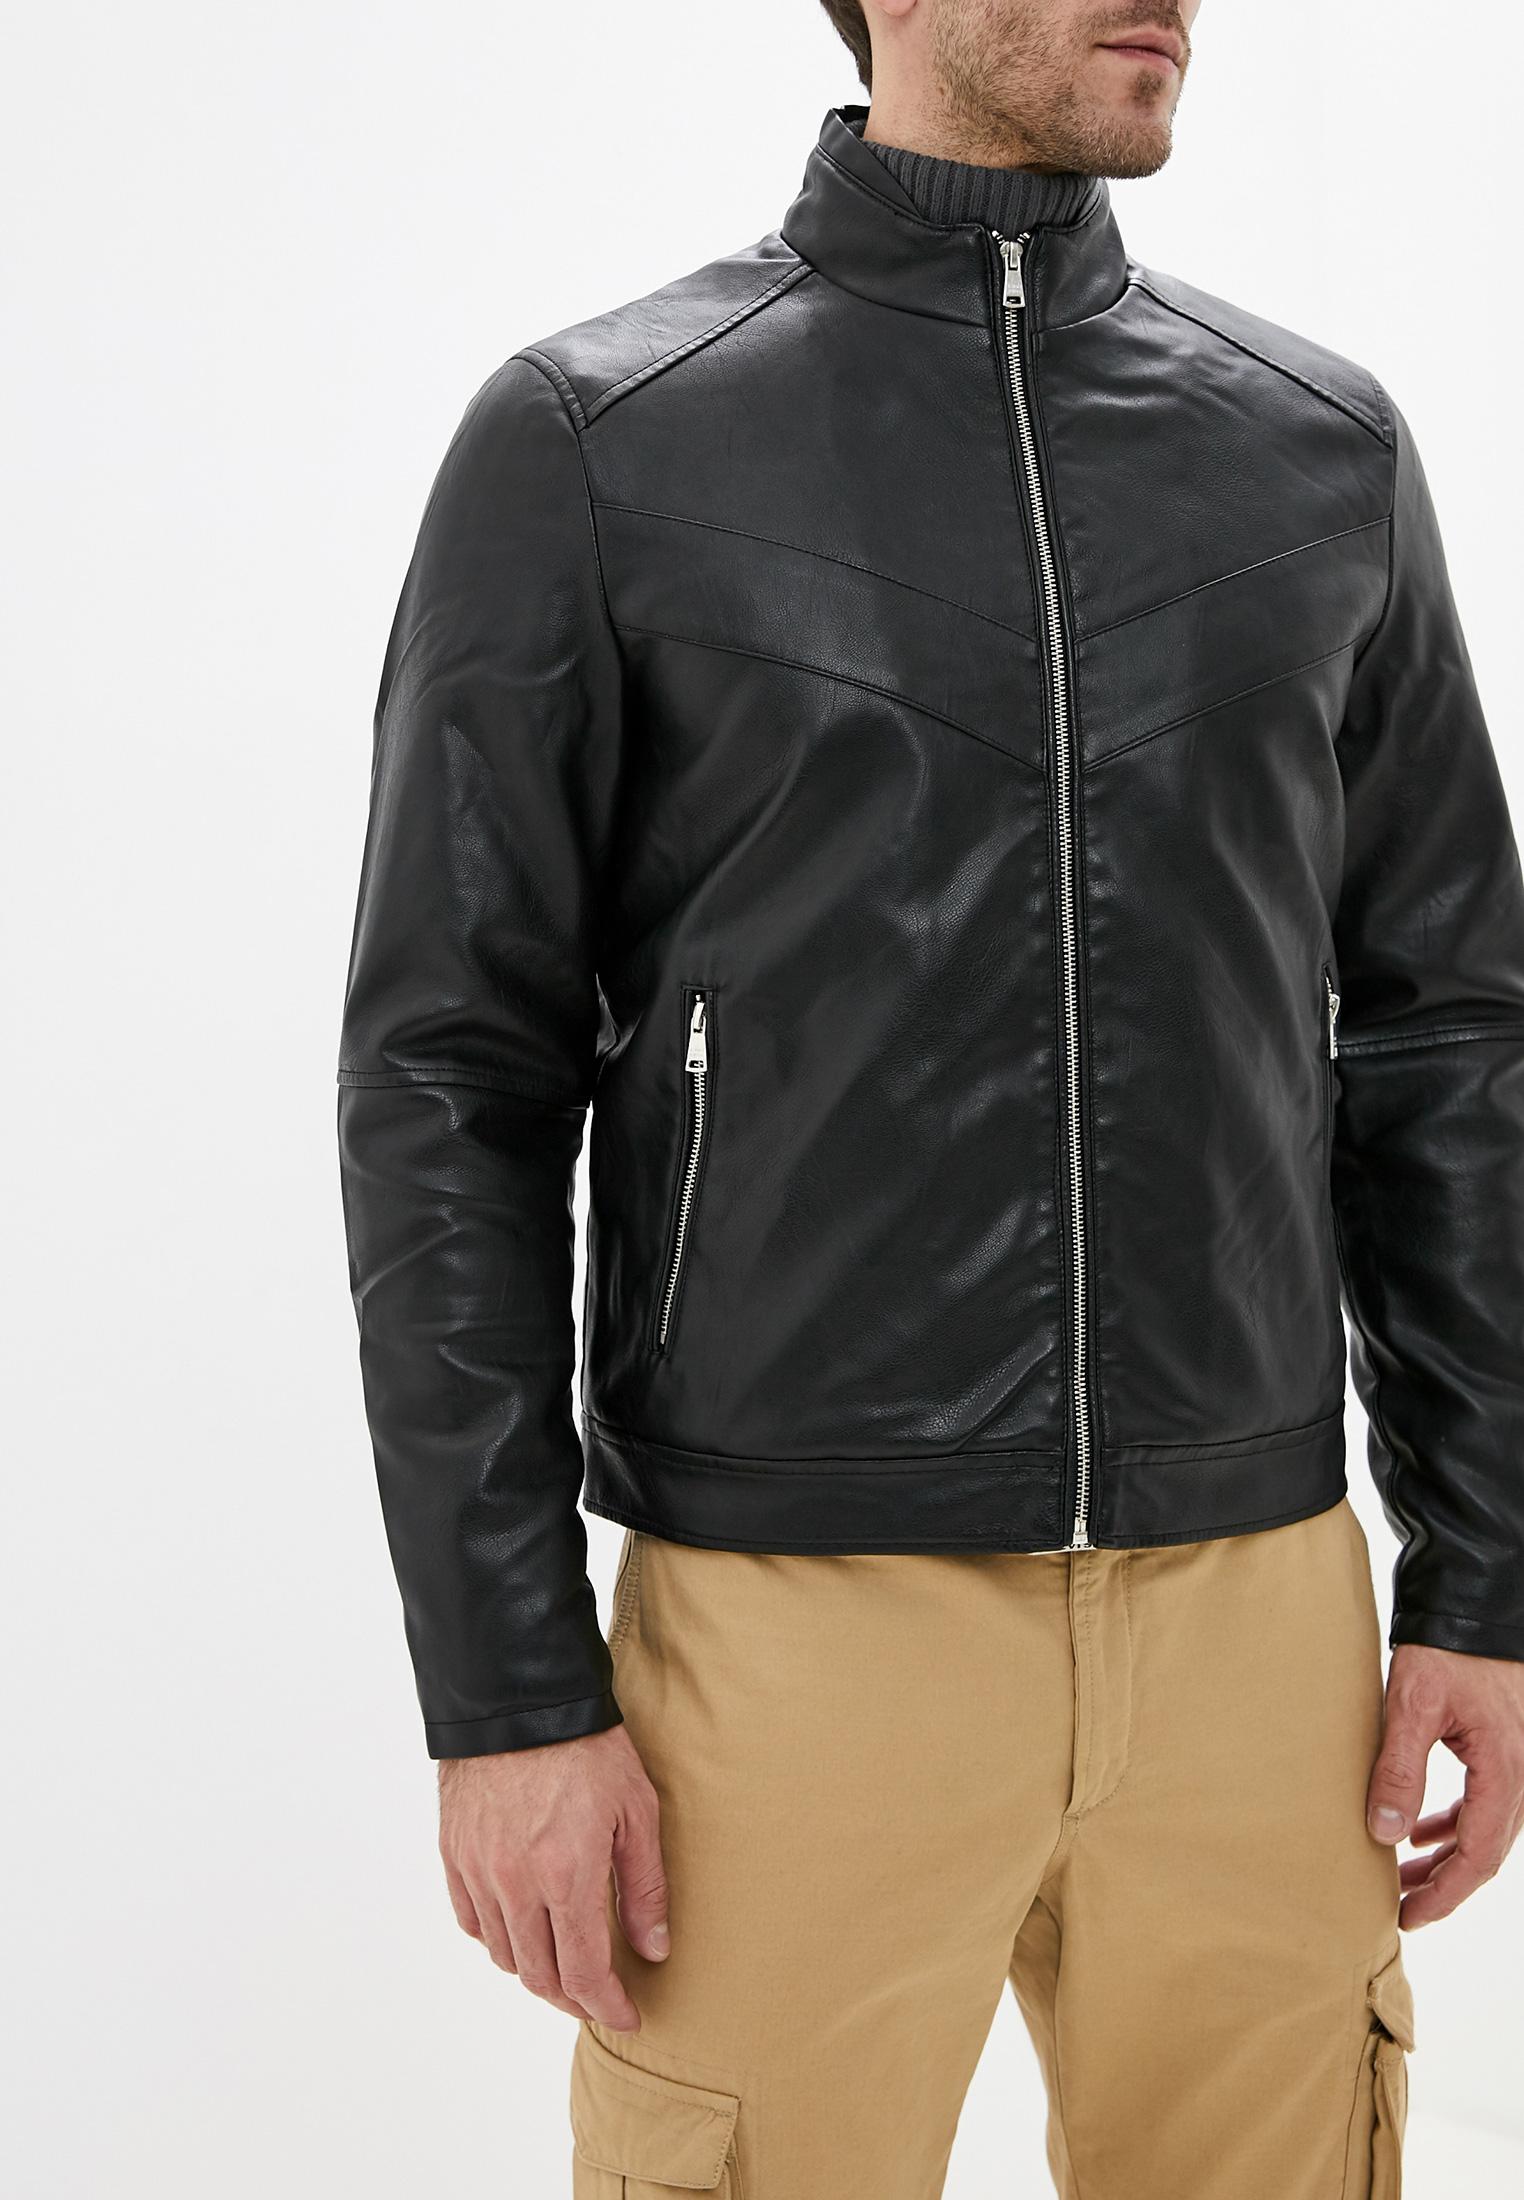 Куртка кожаная, J. Hart & Bros, цвет: черный. Артикул: JH001EMGKSJ2. Одежда / Верхняя одежда / Кожаные куртки